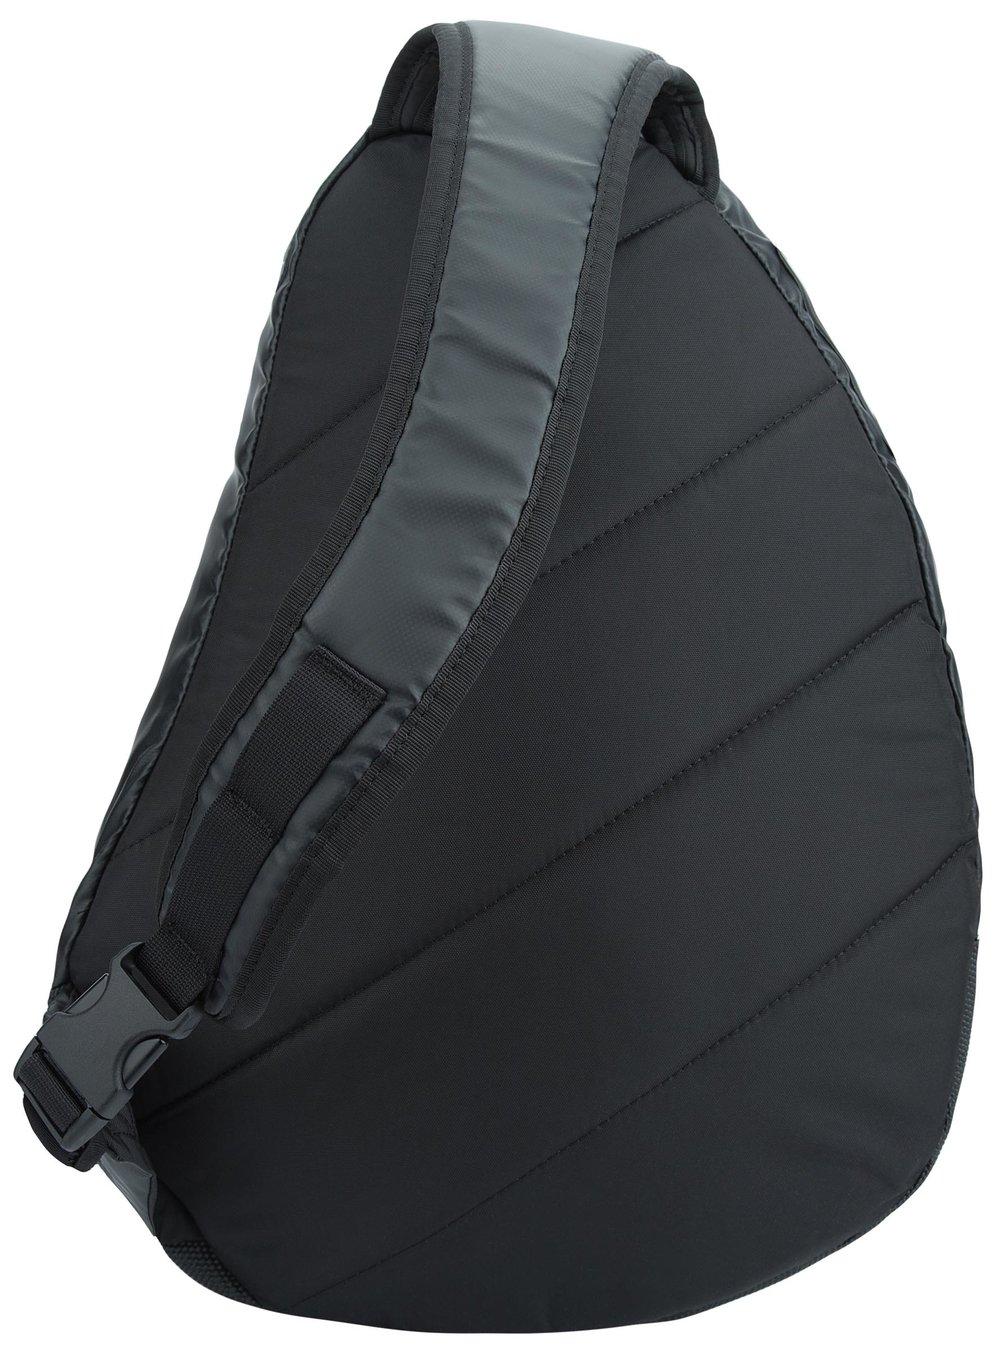 G35011TK-G3 MEDSLINGER-BLACK-0031834-PRINT.jpg